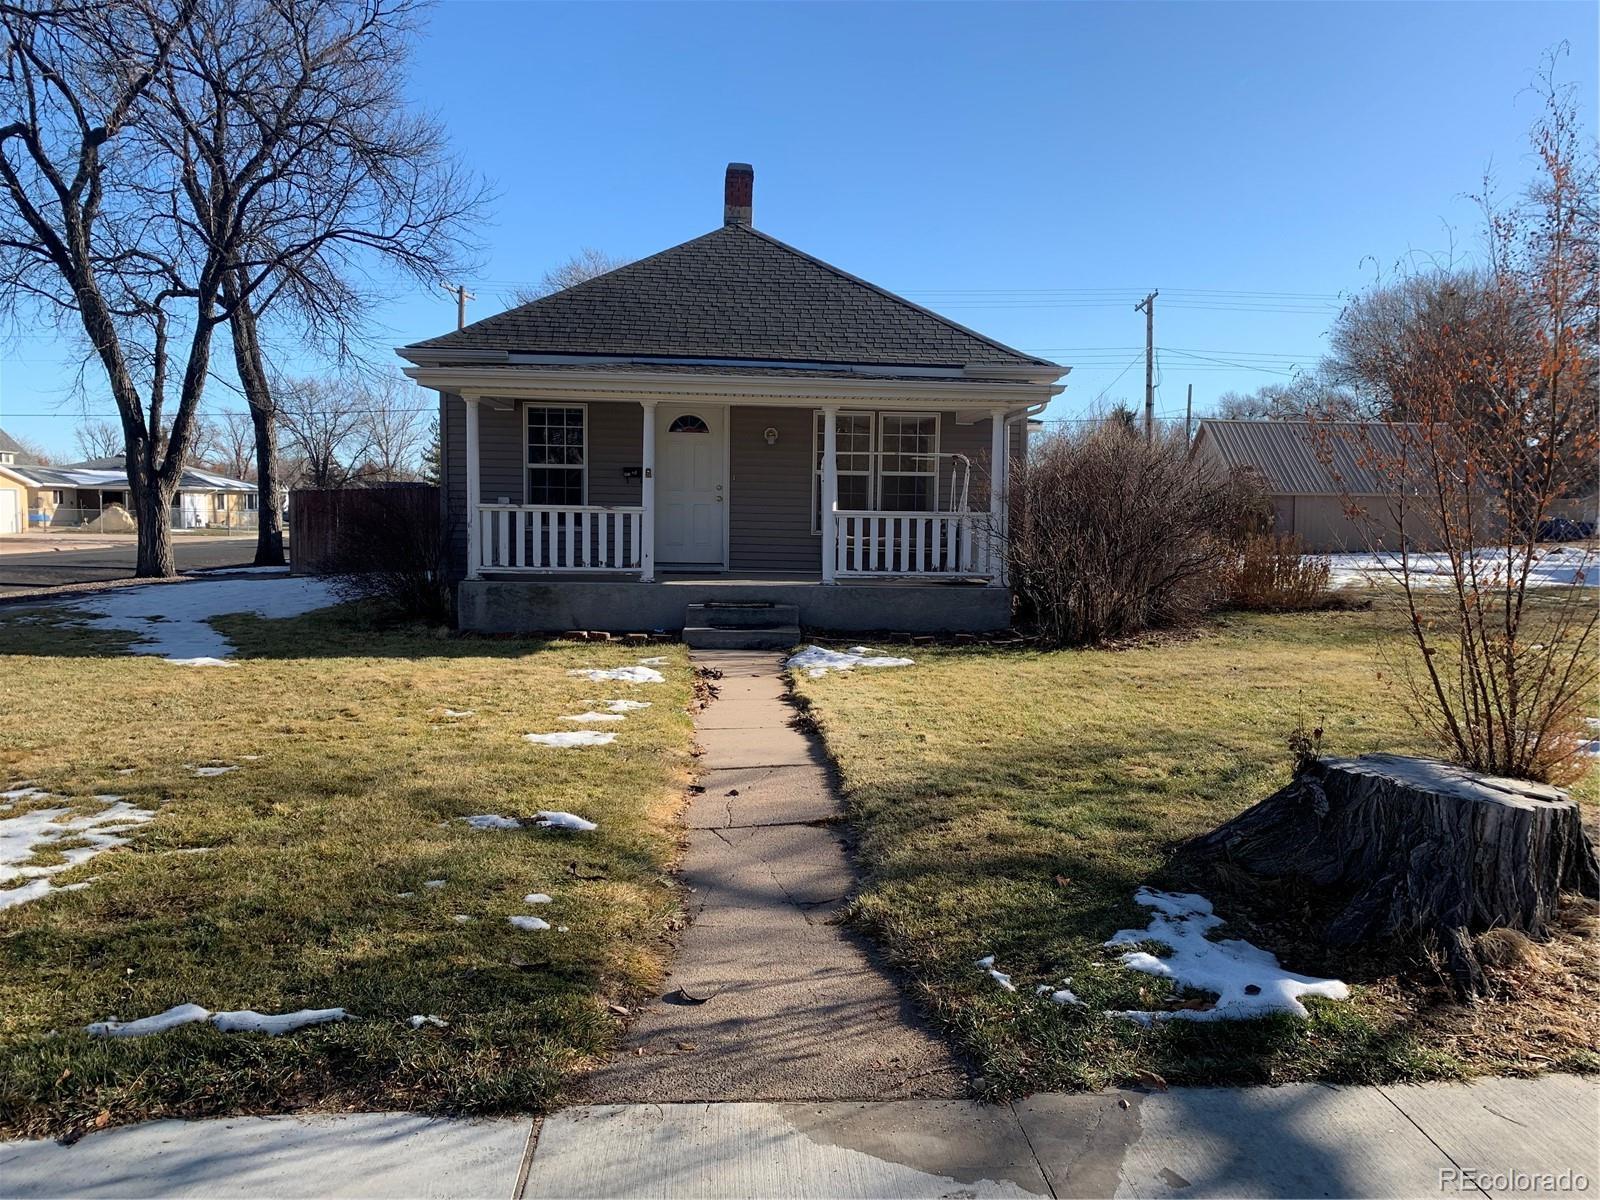 601 S Main Street, Yuma, CO 80759 - Yuma, CO real estate listing